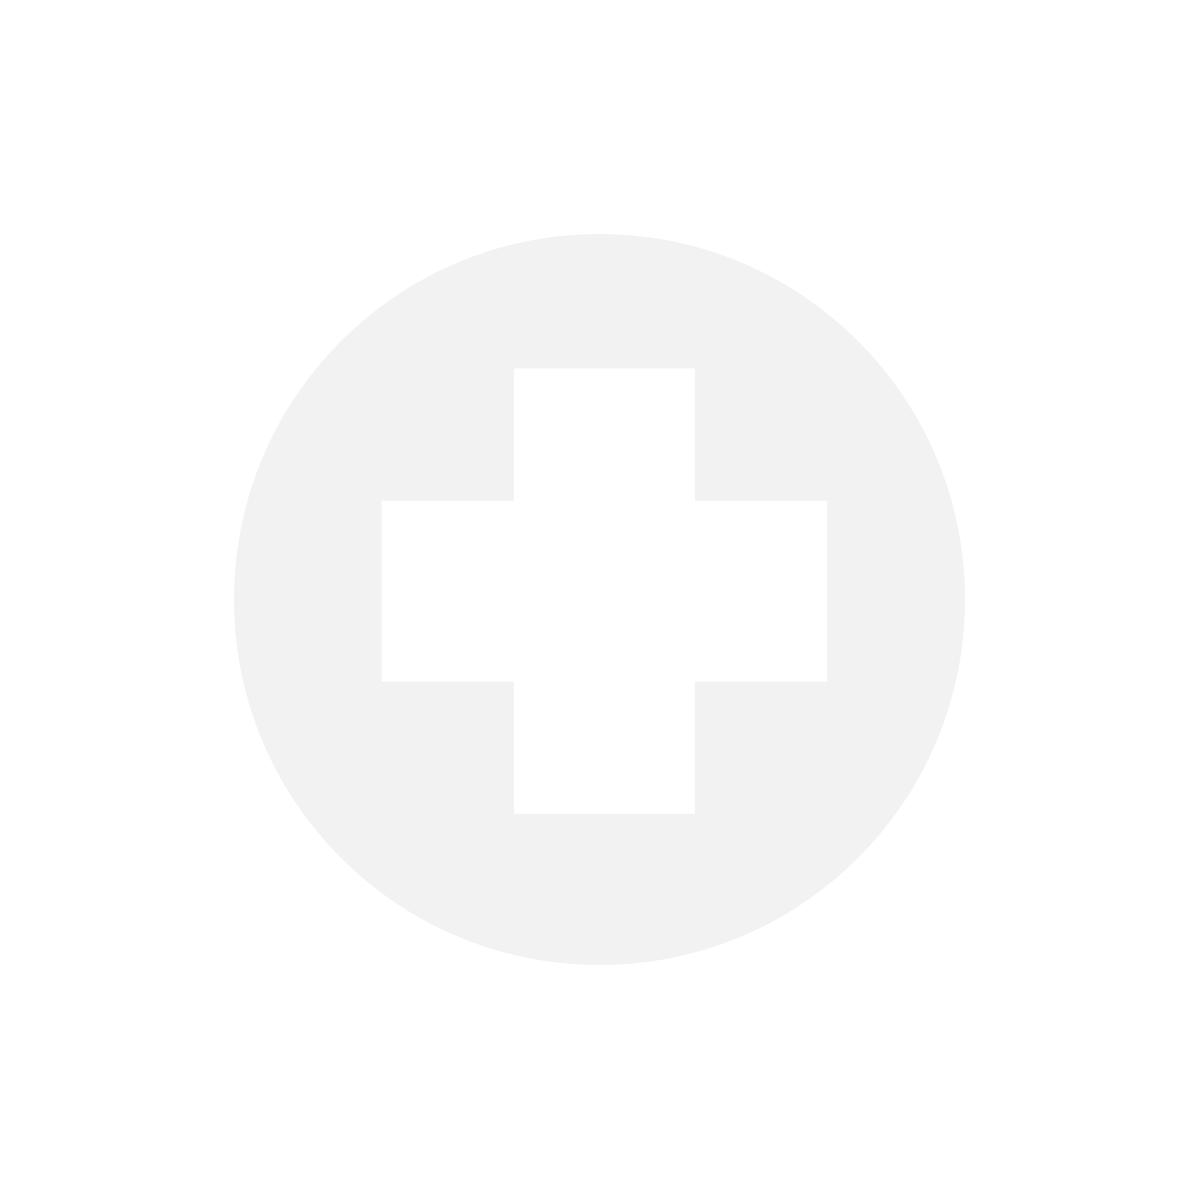 Cage de poulietherapie 8 éléments